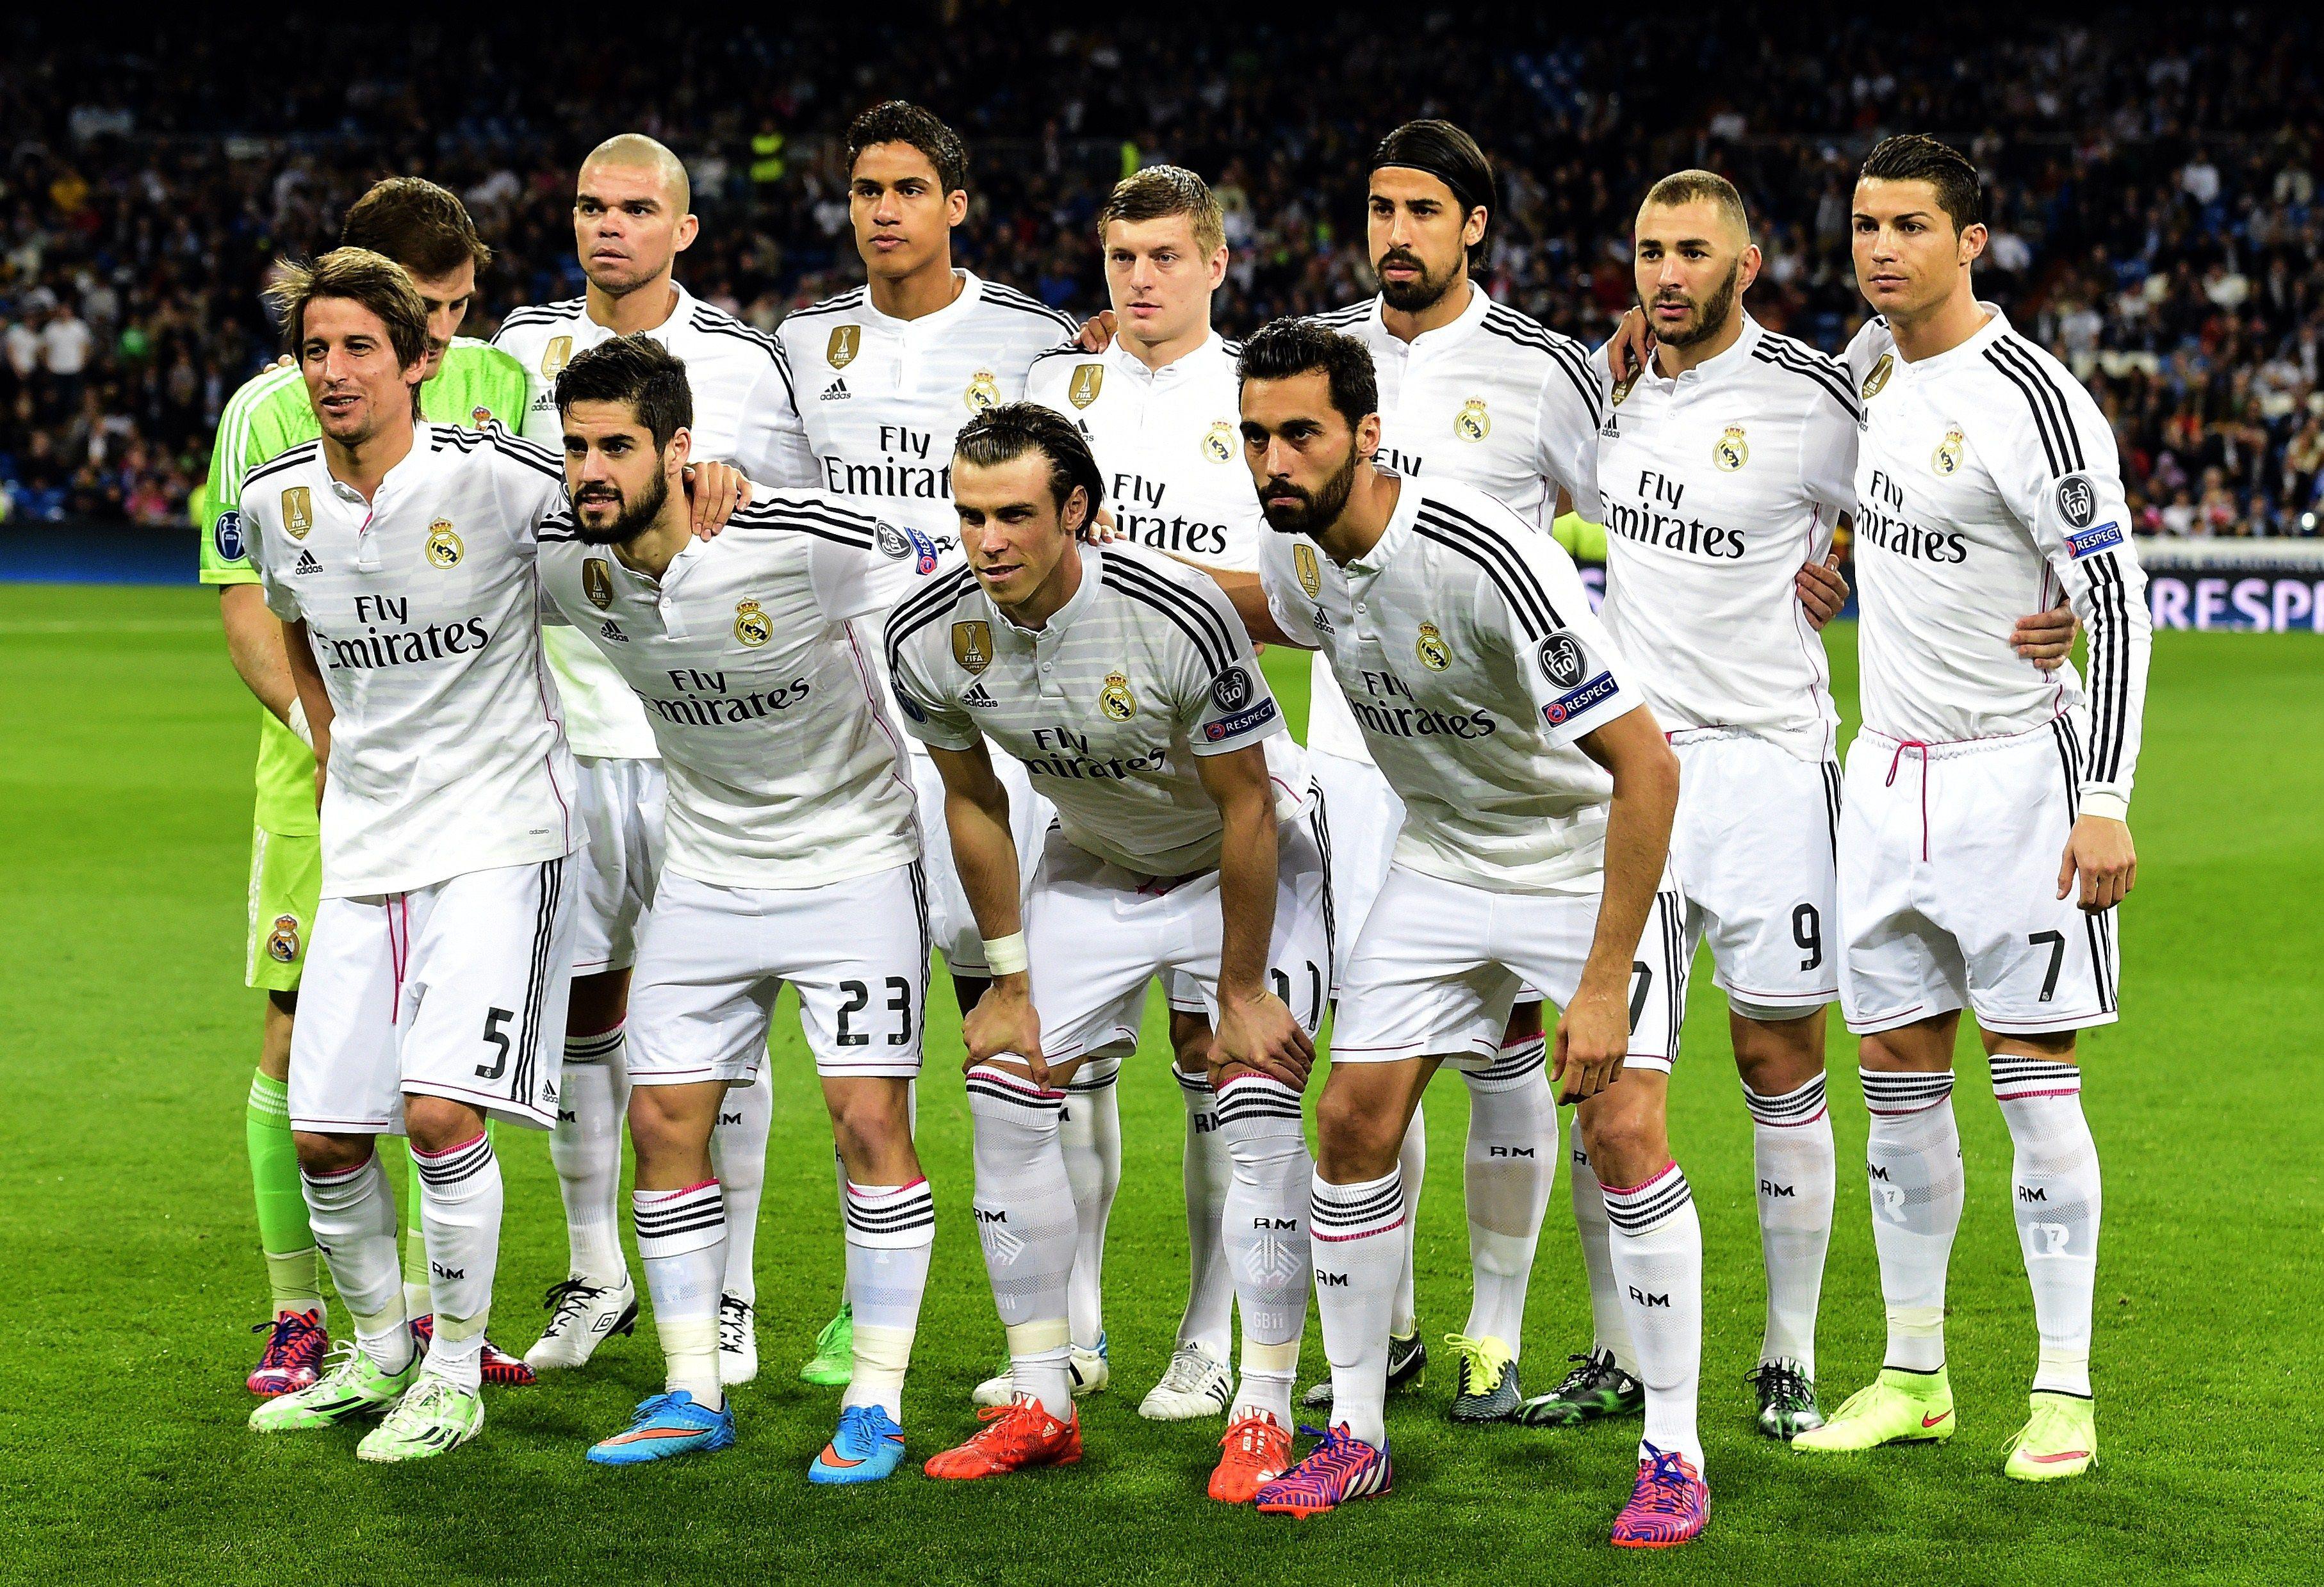 REAL MADRID.¿Qué jugador marcó el gol 5000 en liga del conjunto blanco?